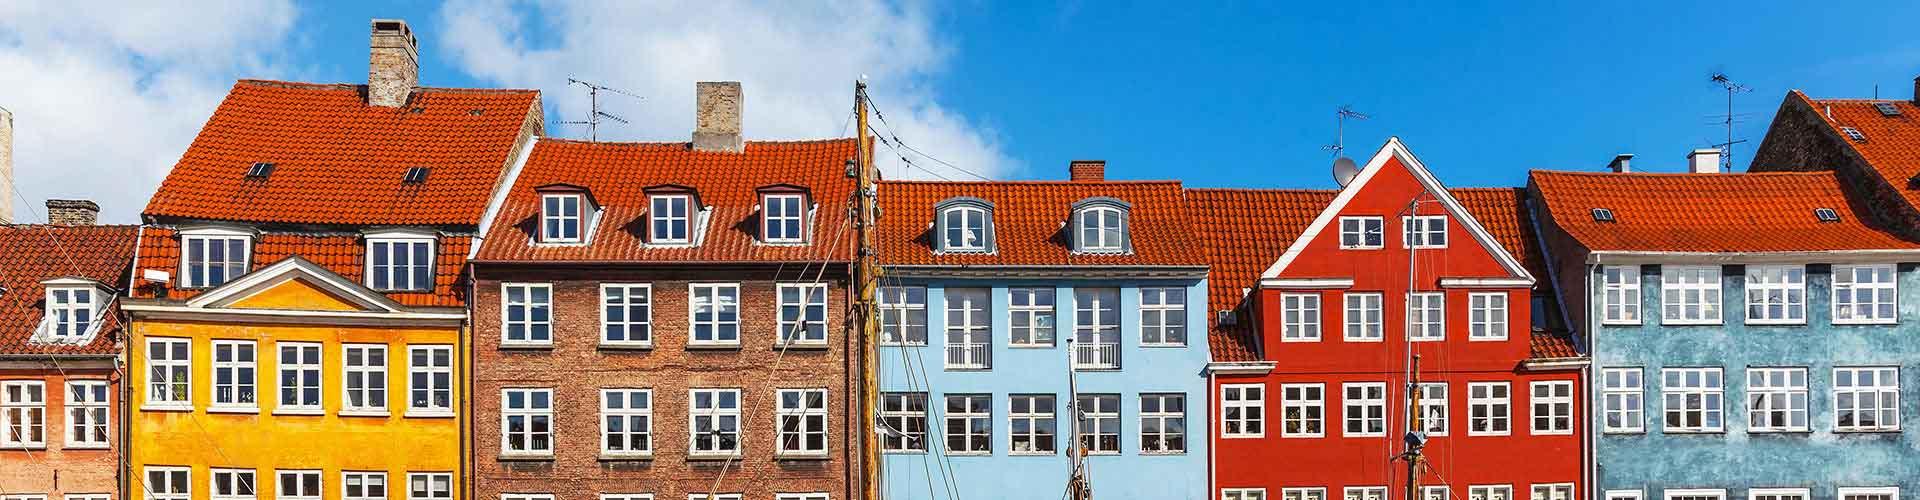 Kopenhaga - Hostele w mieście: Kopenhaga, Mapy: Kopenhaga, Zdjęcia i Recenzje dla każdego hostelu w mieście Kopenhaga.